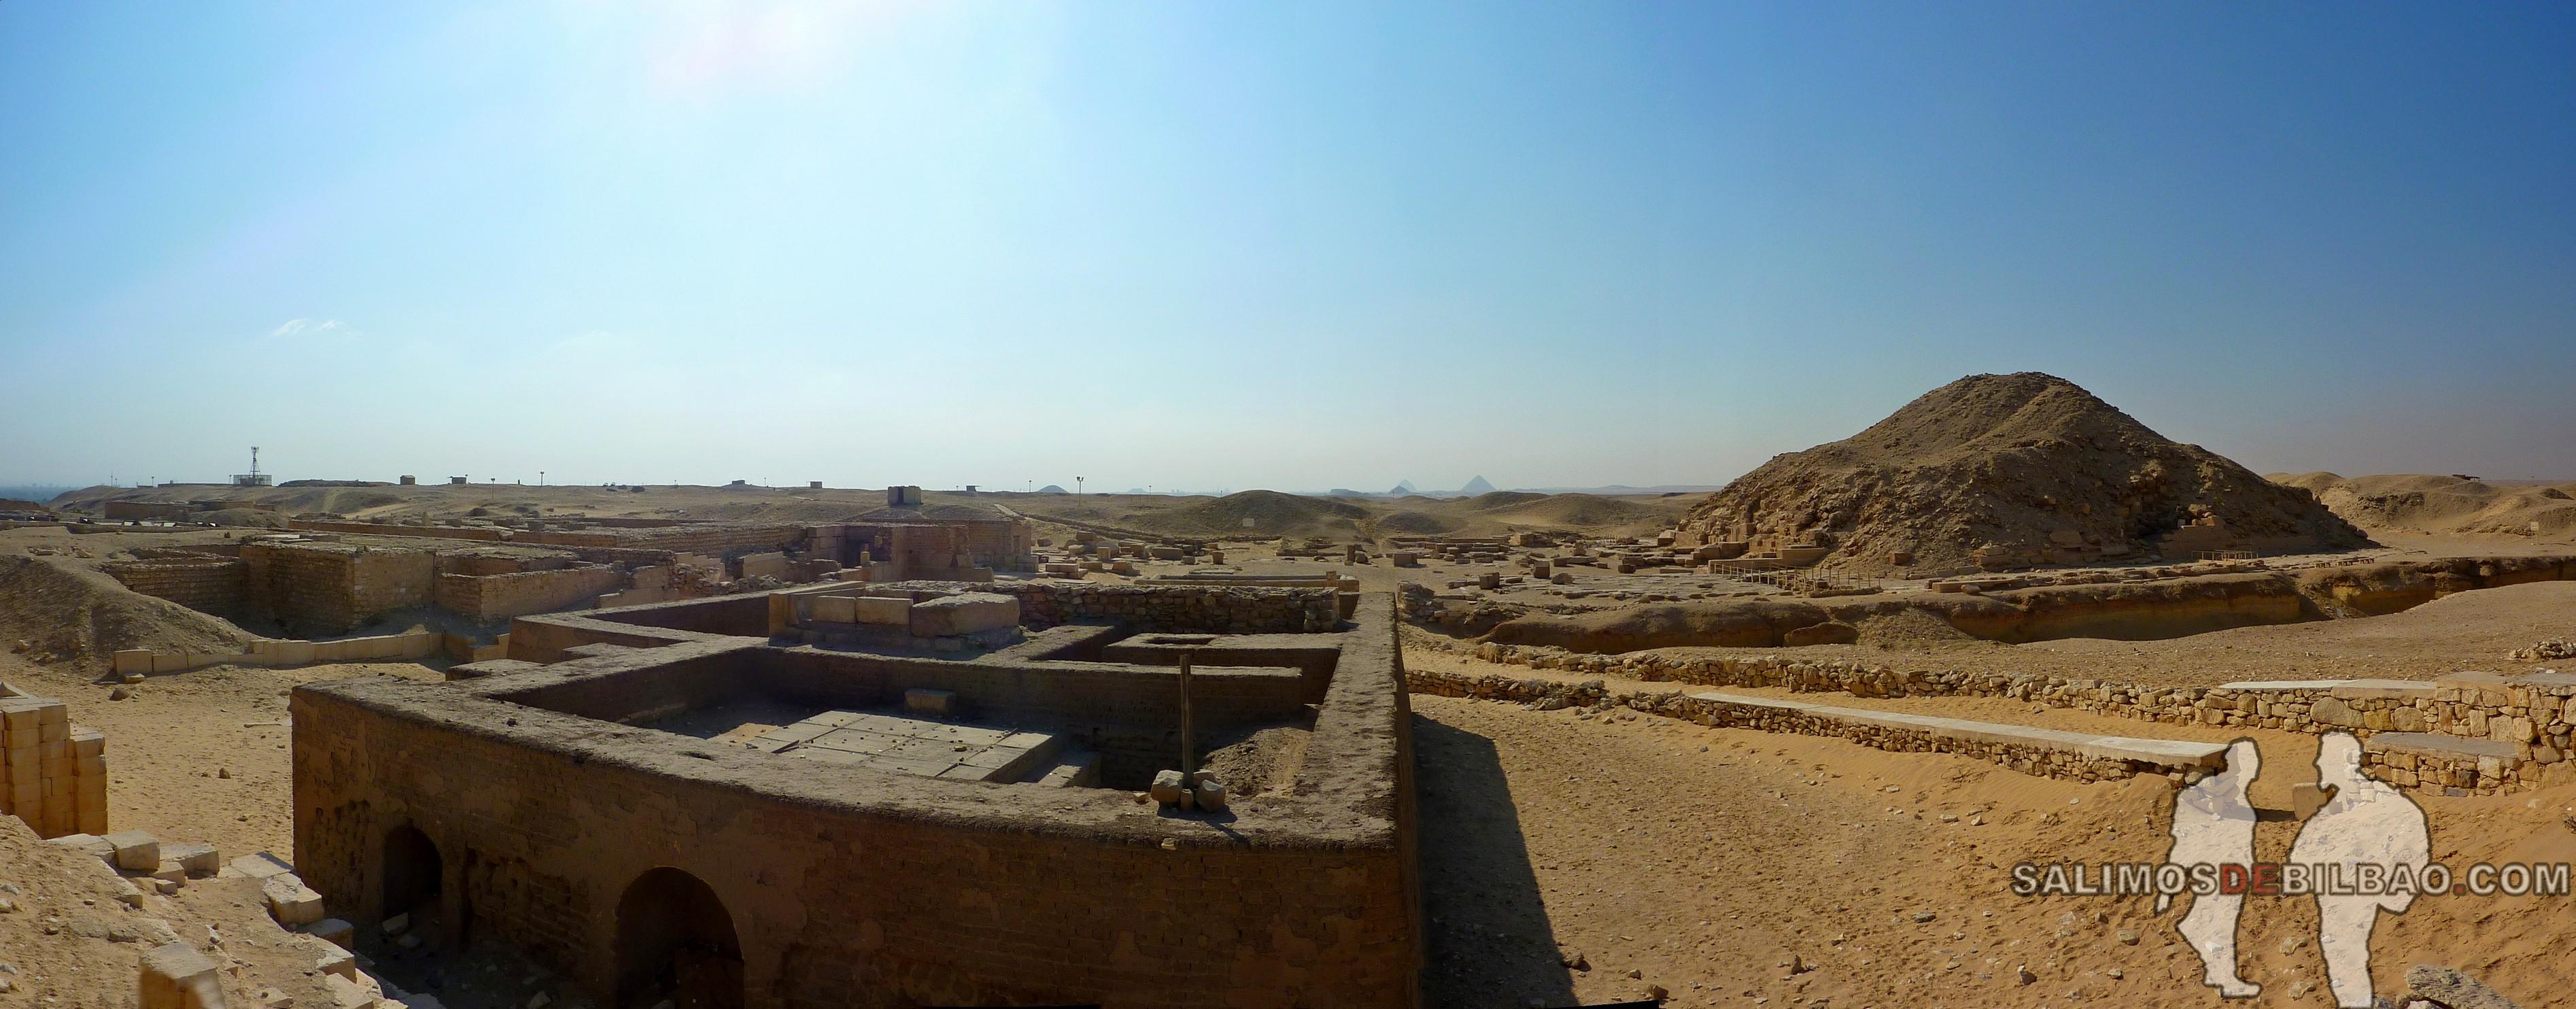 0313. Pano, Pirámide en el Complejo de la Pirámide escalonada de Zoser, Saqqara